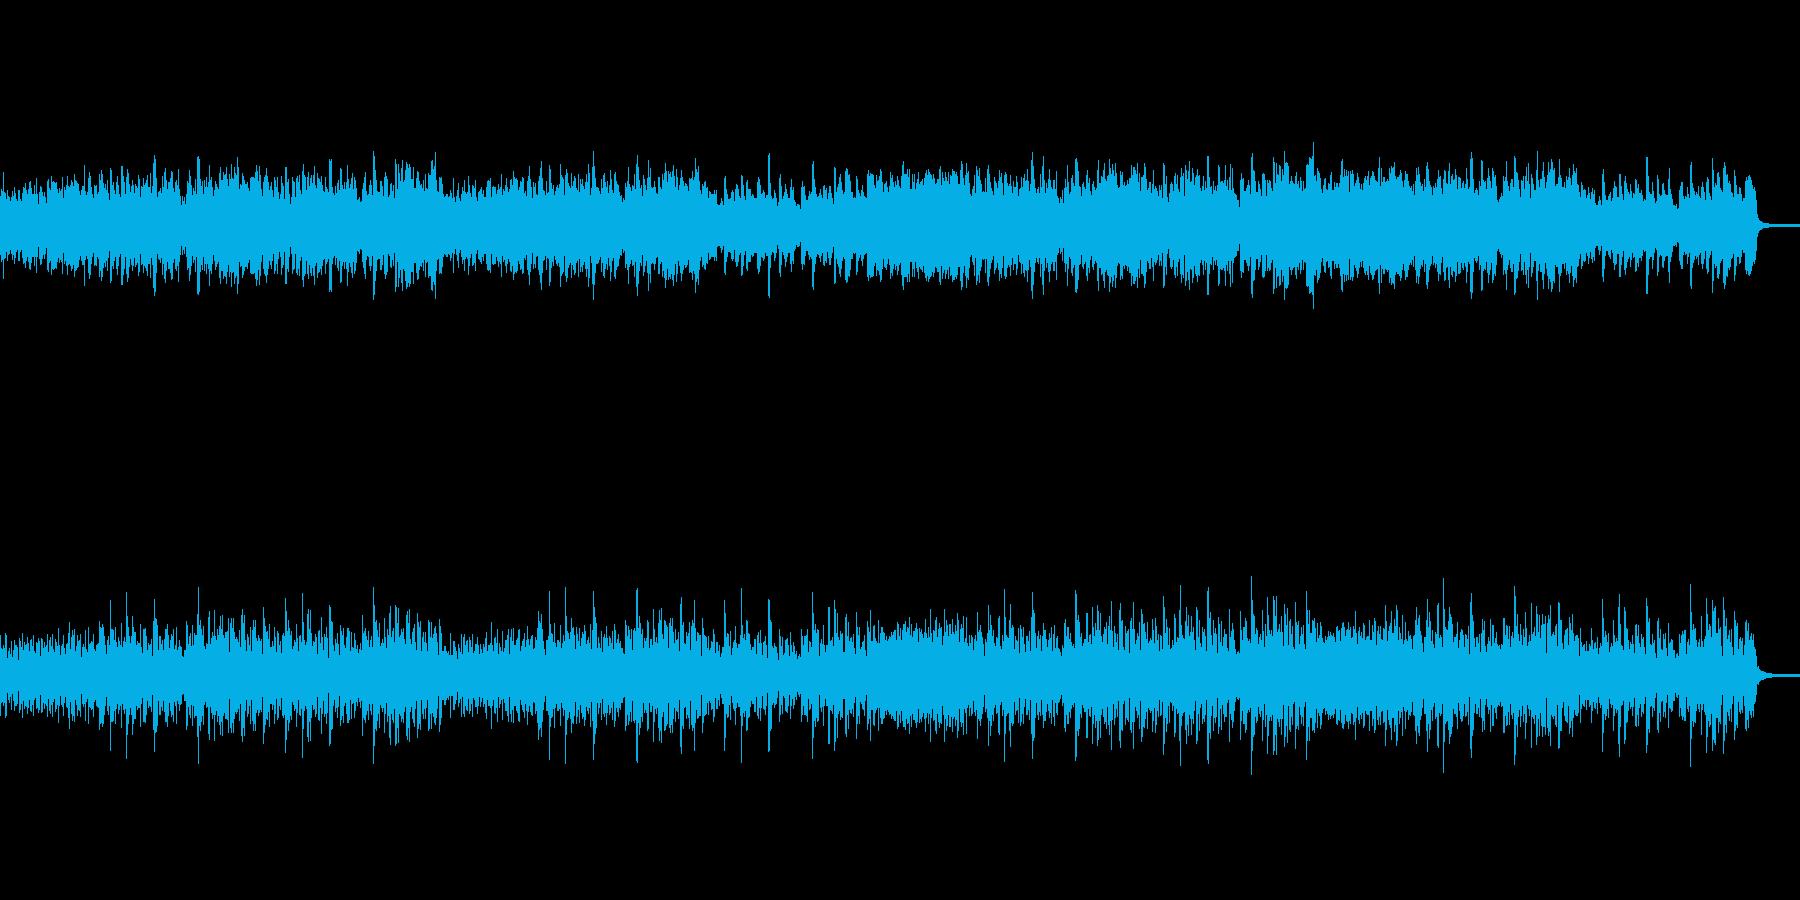 【ドラム抜き】しっとり温かく、優しいア…の再生済みの波形